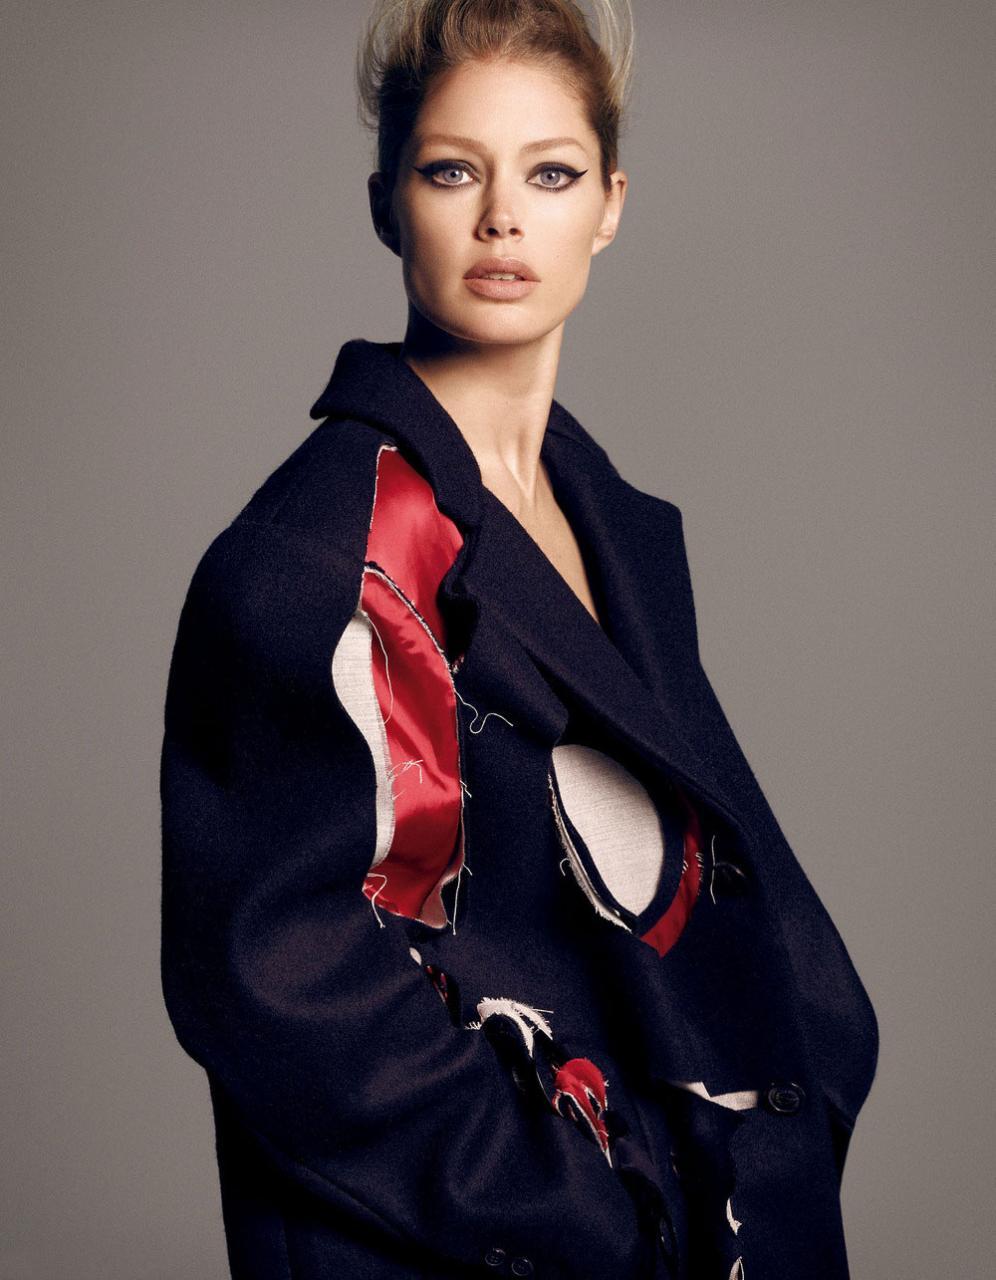 时尚摄影师组合Luigi & Iango的Vogue杂志作品 审美灵感 第4张